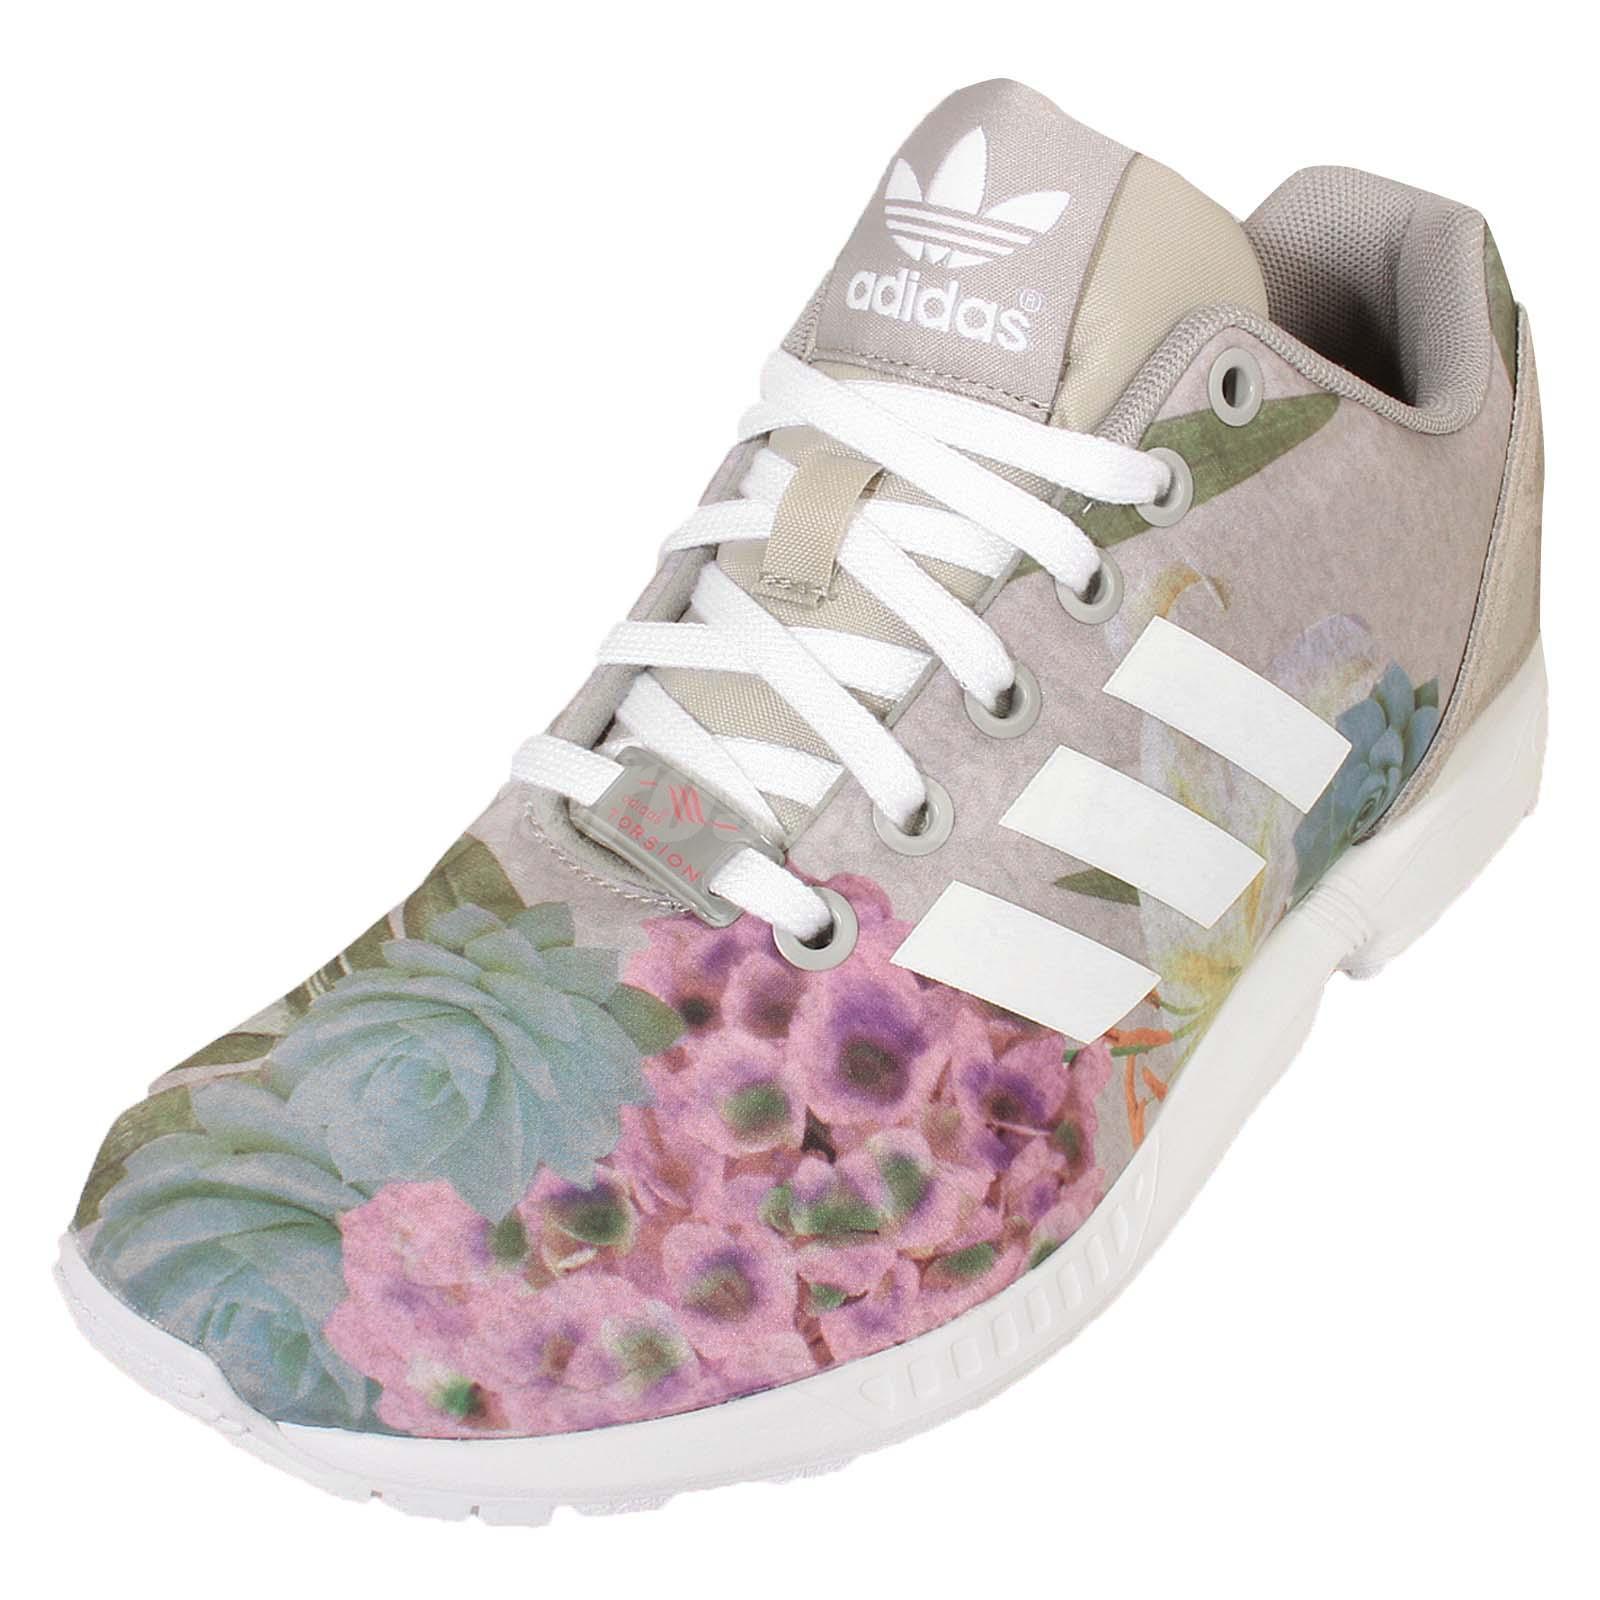 Adidas Originals Samoa Grey White Floral Shoe